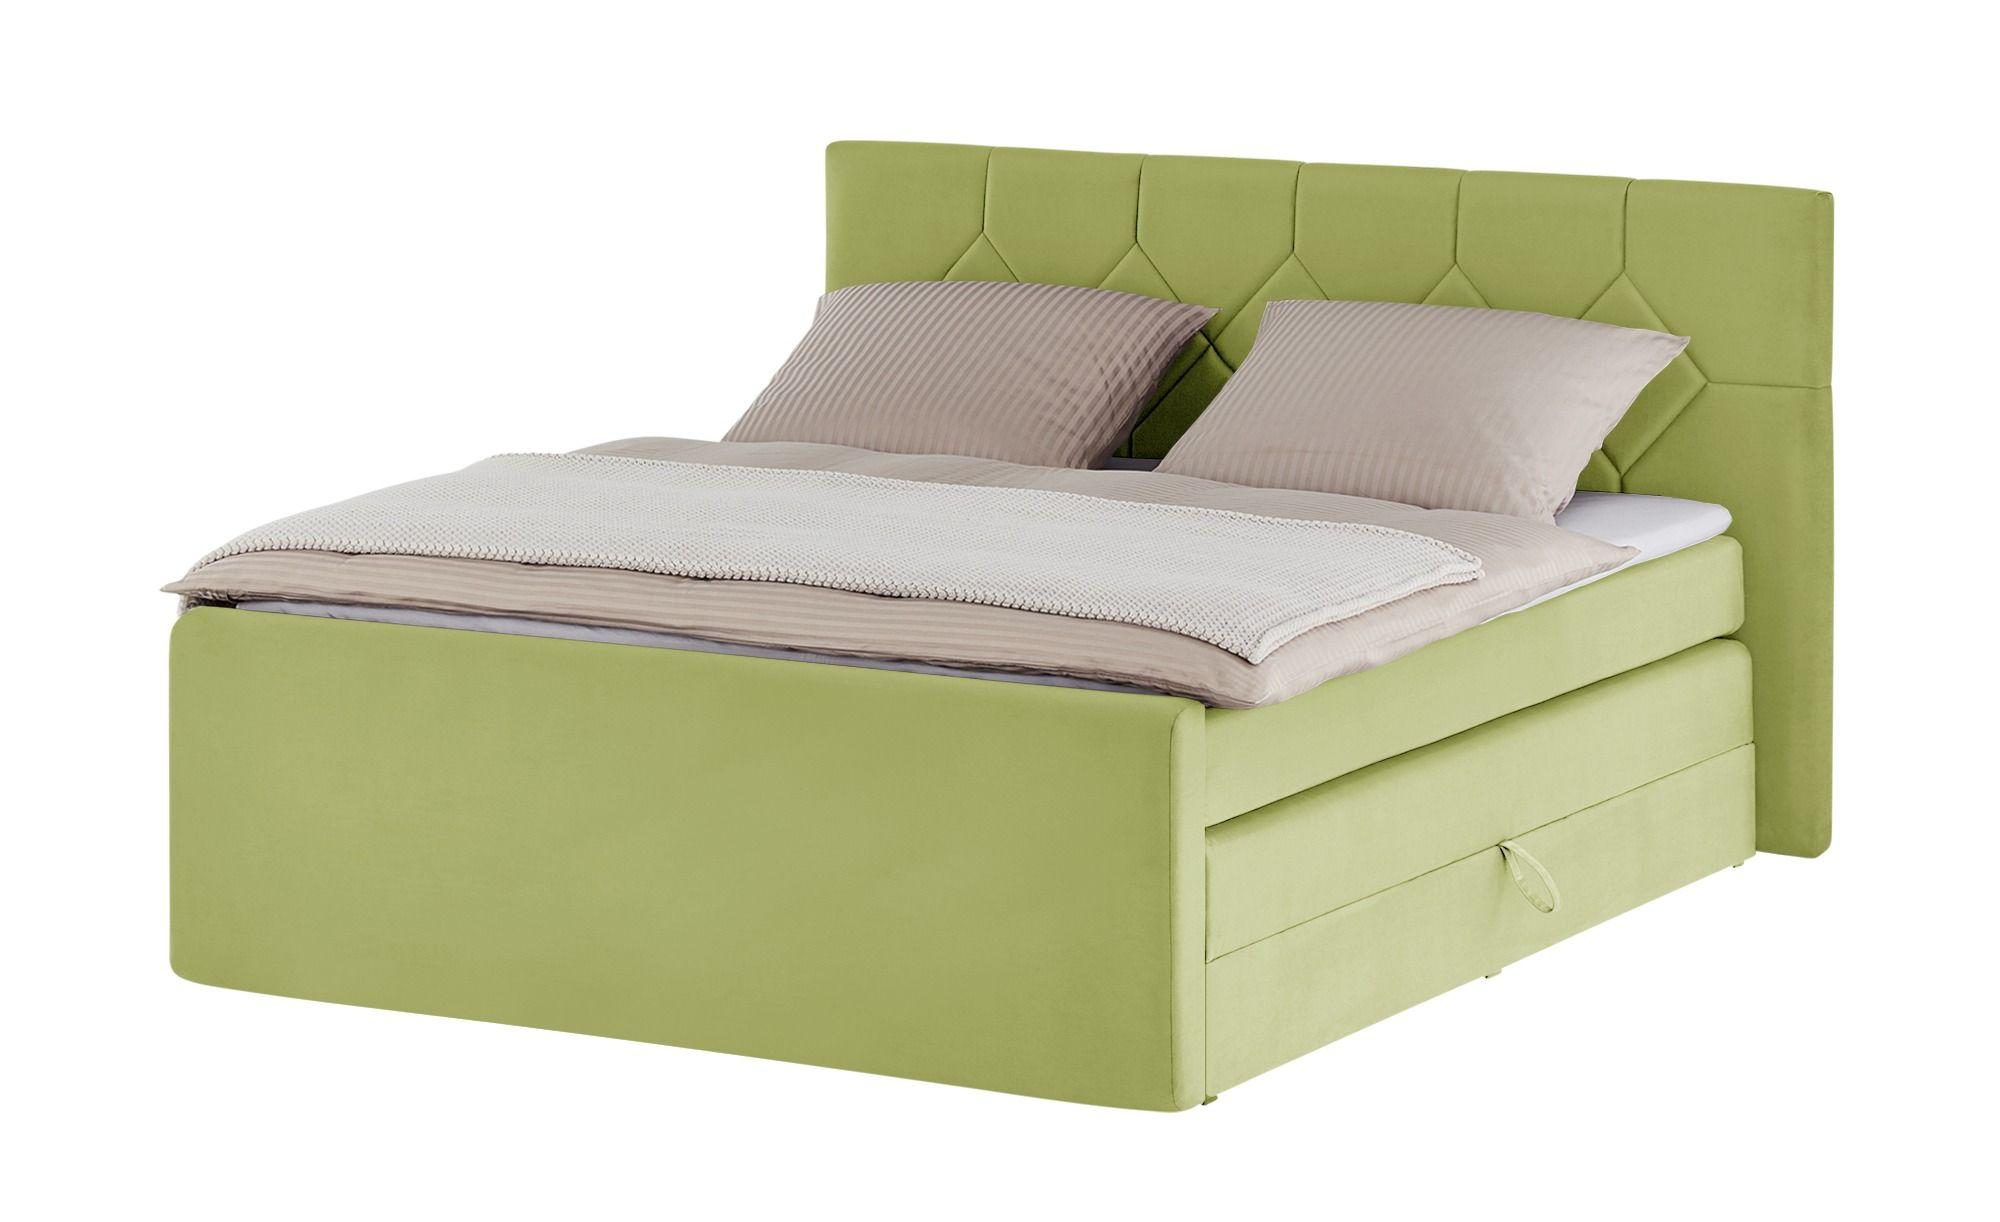 Weiße Betten 90x200 Betten Günstig Mit Matratze Und Lattenrost Bett 140x200 Kaufen Weiße Betten 160x200 Doppelbett Bett Ideen Bettwäsche Boxspringbett